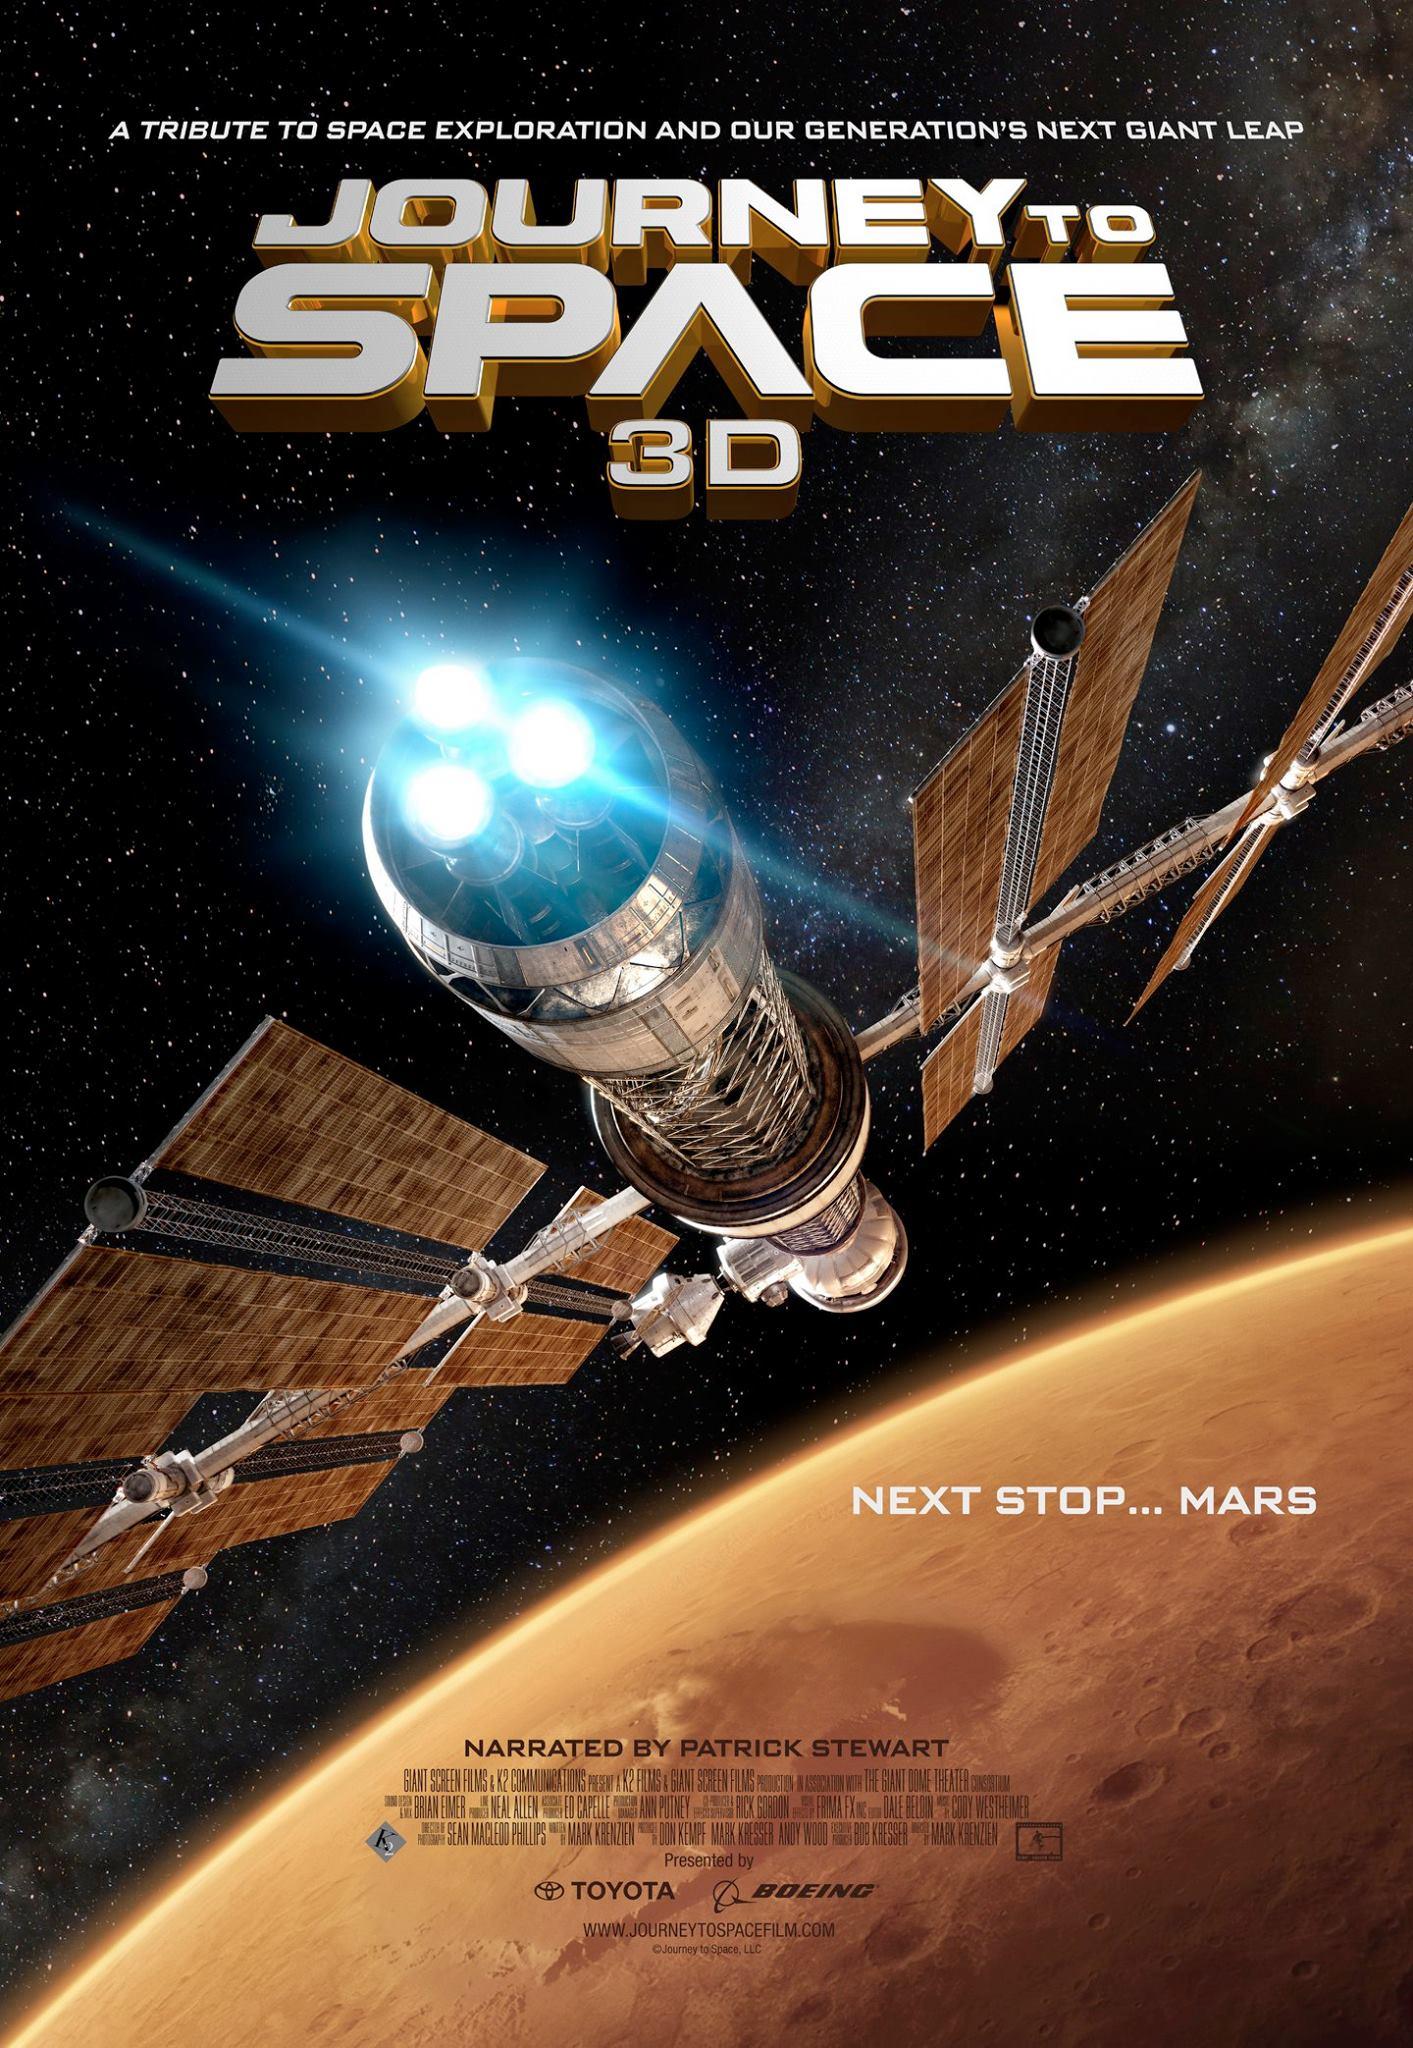 KELIONĖ Į KOSMOSĄ (2015) / JOURNEY TO SPACE